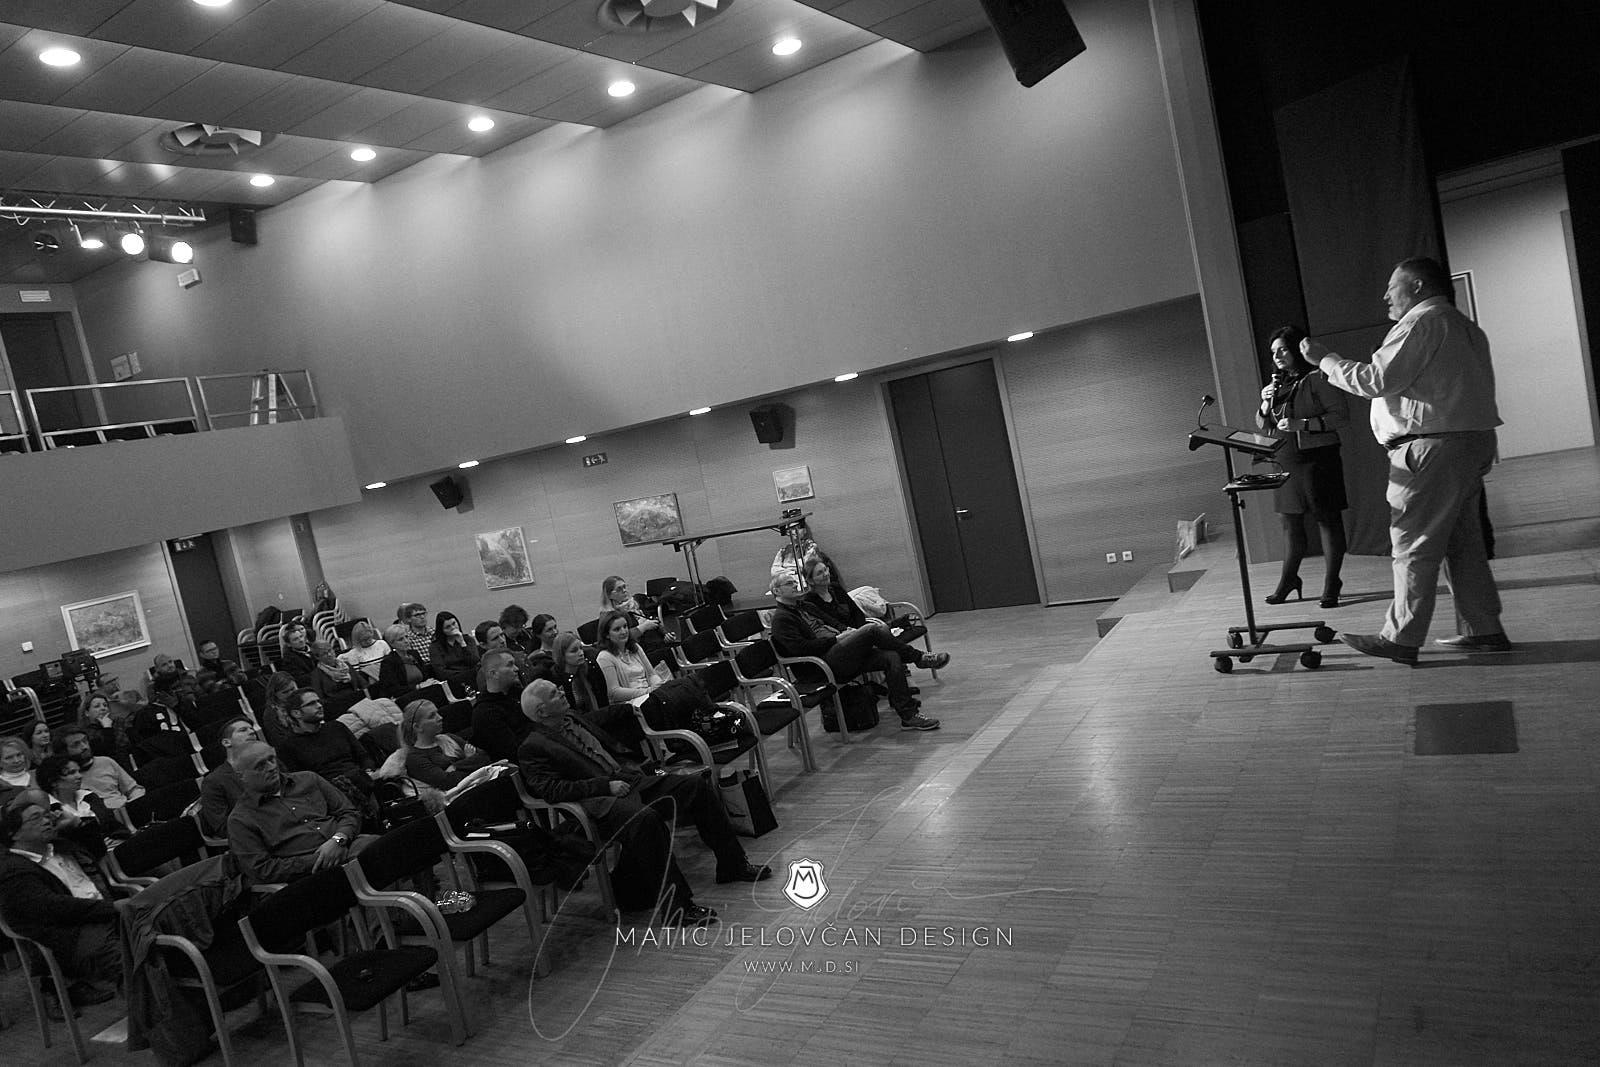 2017 11 18 12.45.15DSC00775 0 web wm - Seminar o svetopisemskih načelih v poslovnem življenju, November 2017